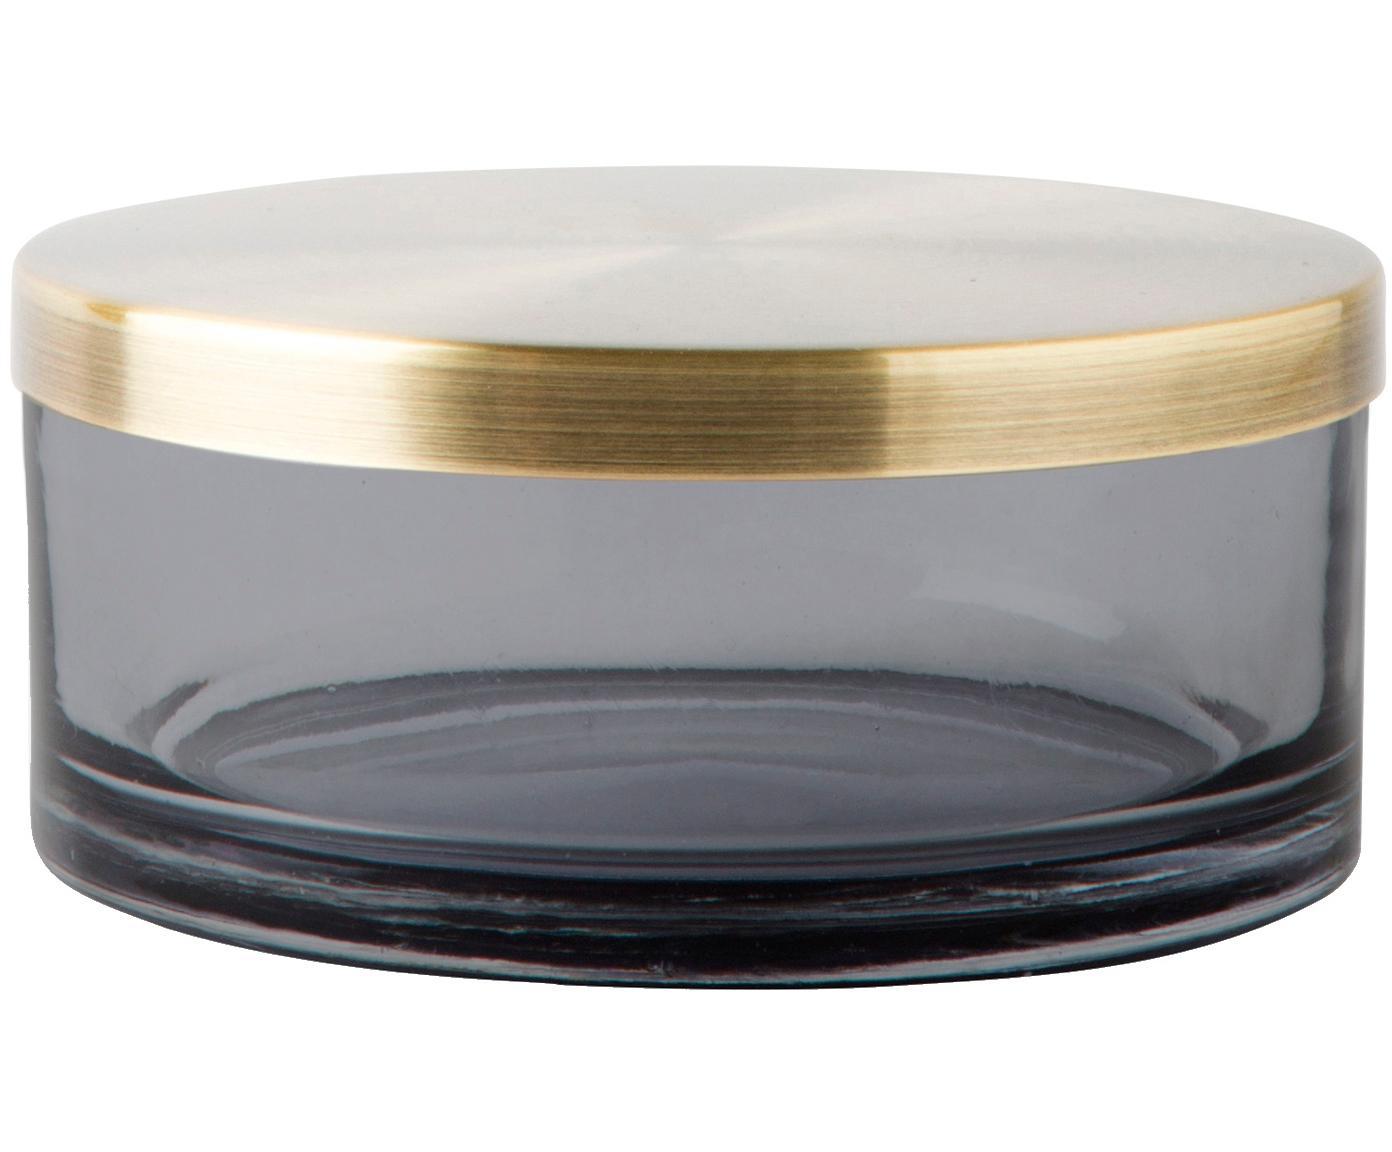 Aufbewahrungsdose Venezia, Behälter: Glas, Deckel: Metall, vermessingt, Schwarz, Messingfarben, Ø 11 x H 5 cm